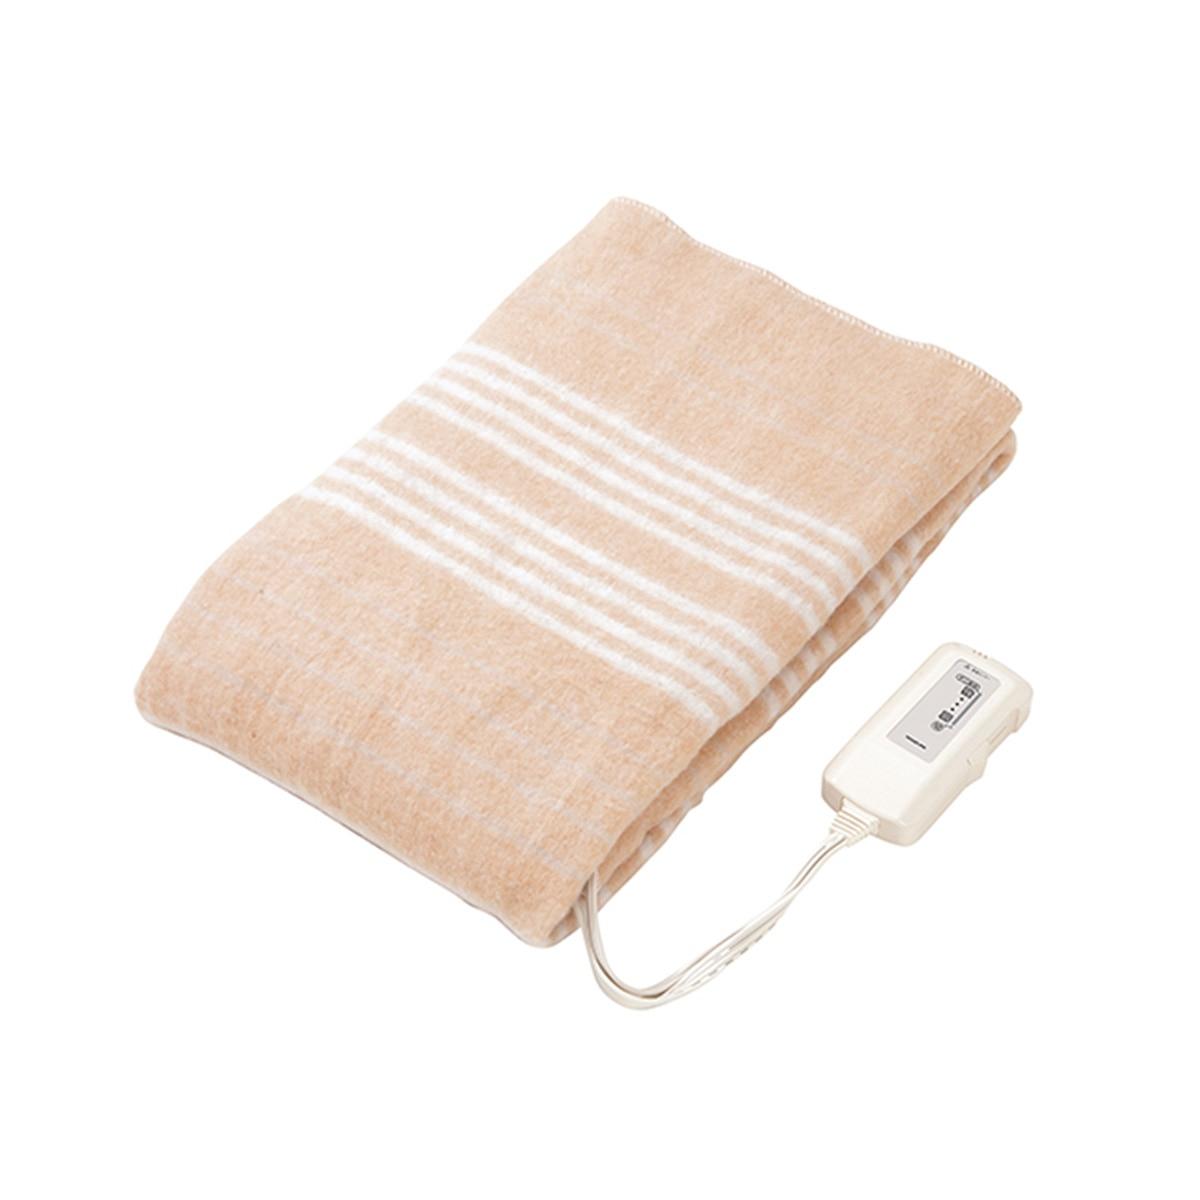 コイズミ 電気敷毛布 電磁波カット 約140×80cm KDS-50216D